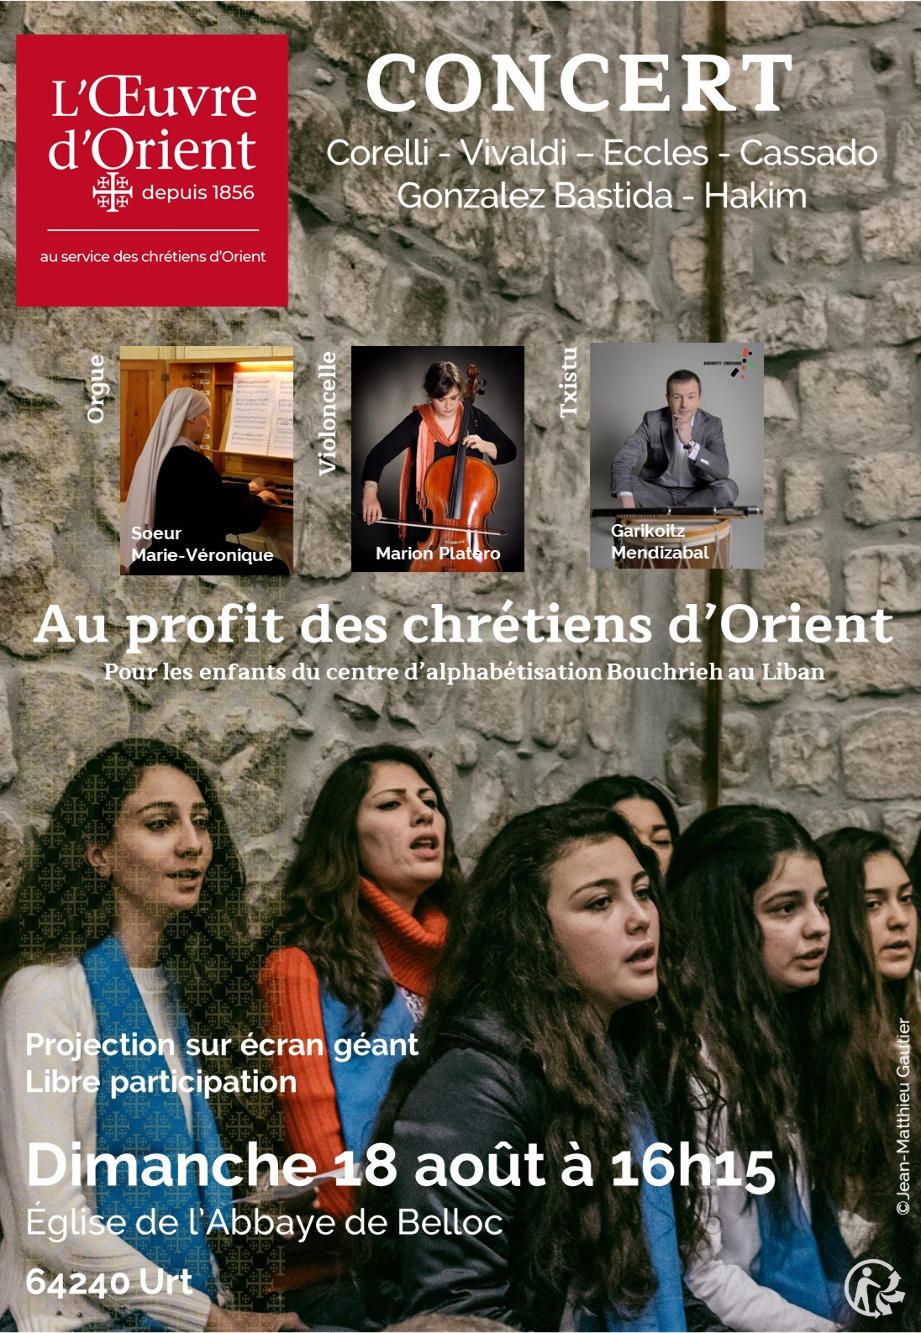 Concert Abbaye de Belloc - Dimanche 18 août 2019 à 16h15